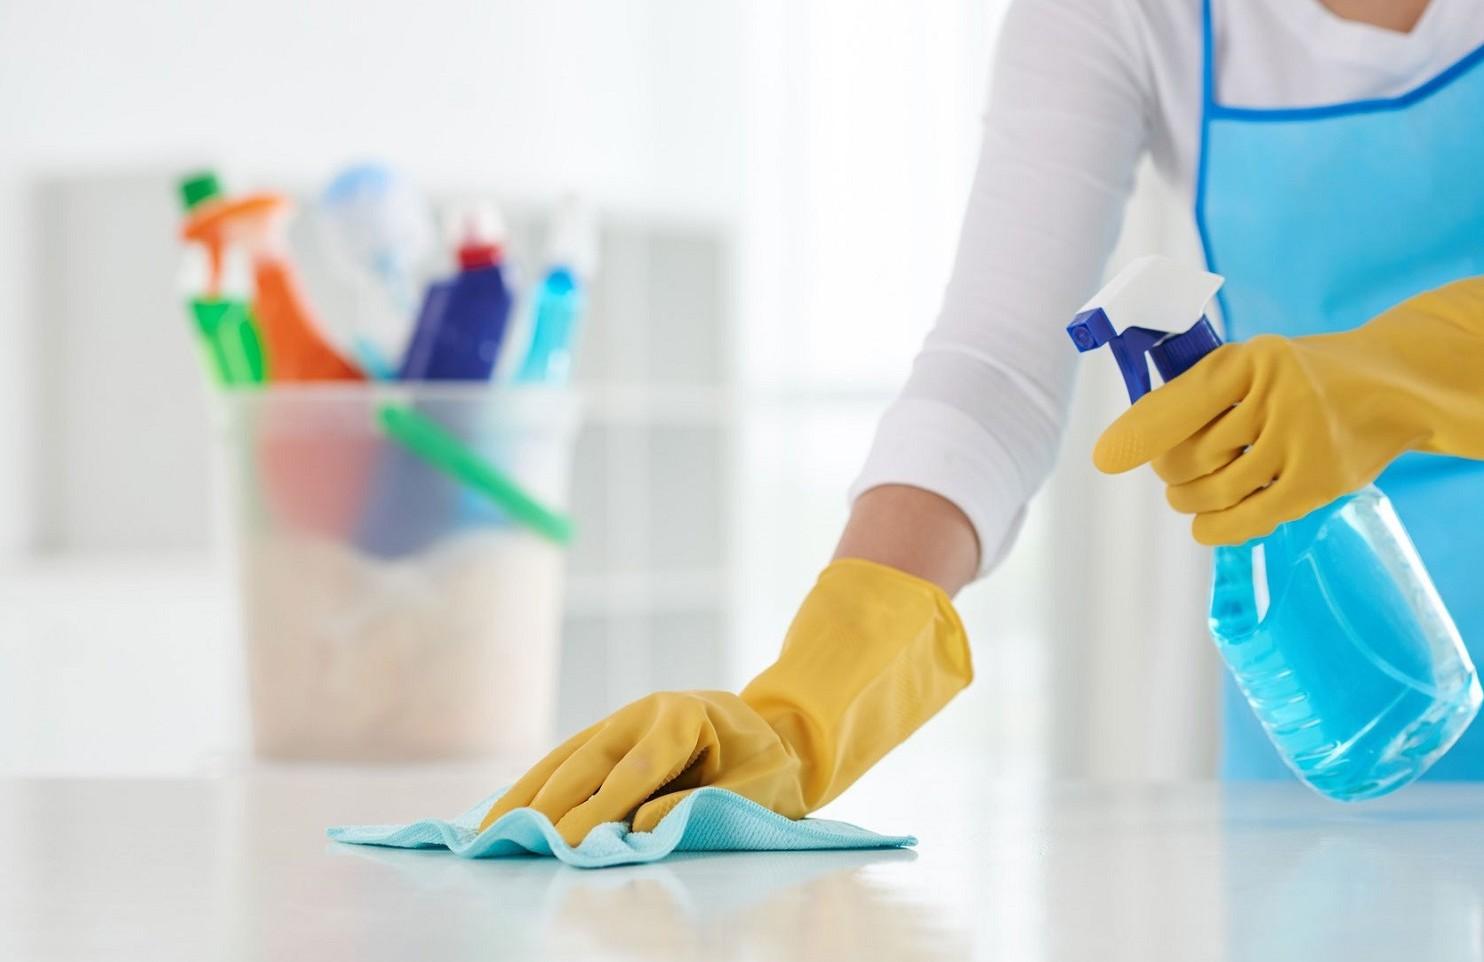 Prodotti per le pulizie tossici venduti